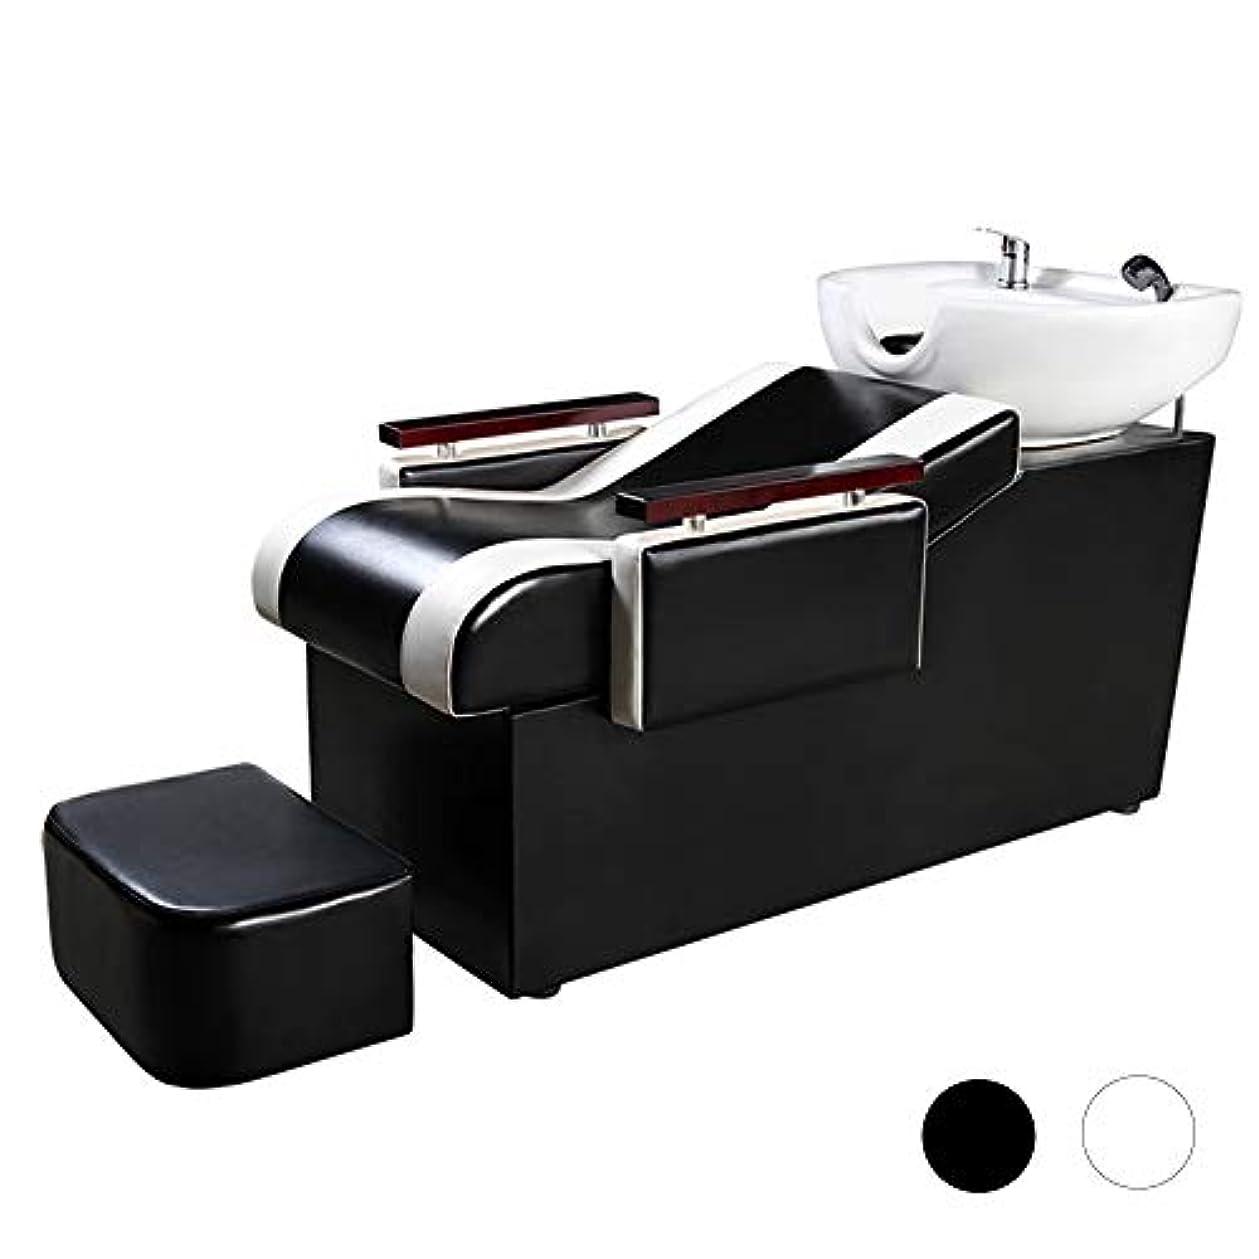 ストレッチ倫理的ラダシャンプーチェア、スパ用美容院設備用シャンプーボウル理髪シンクチェアシャンプーベッド(ブラック)